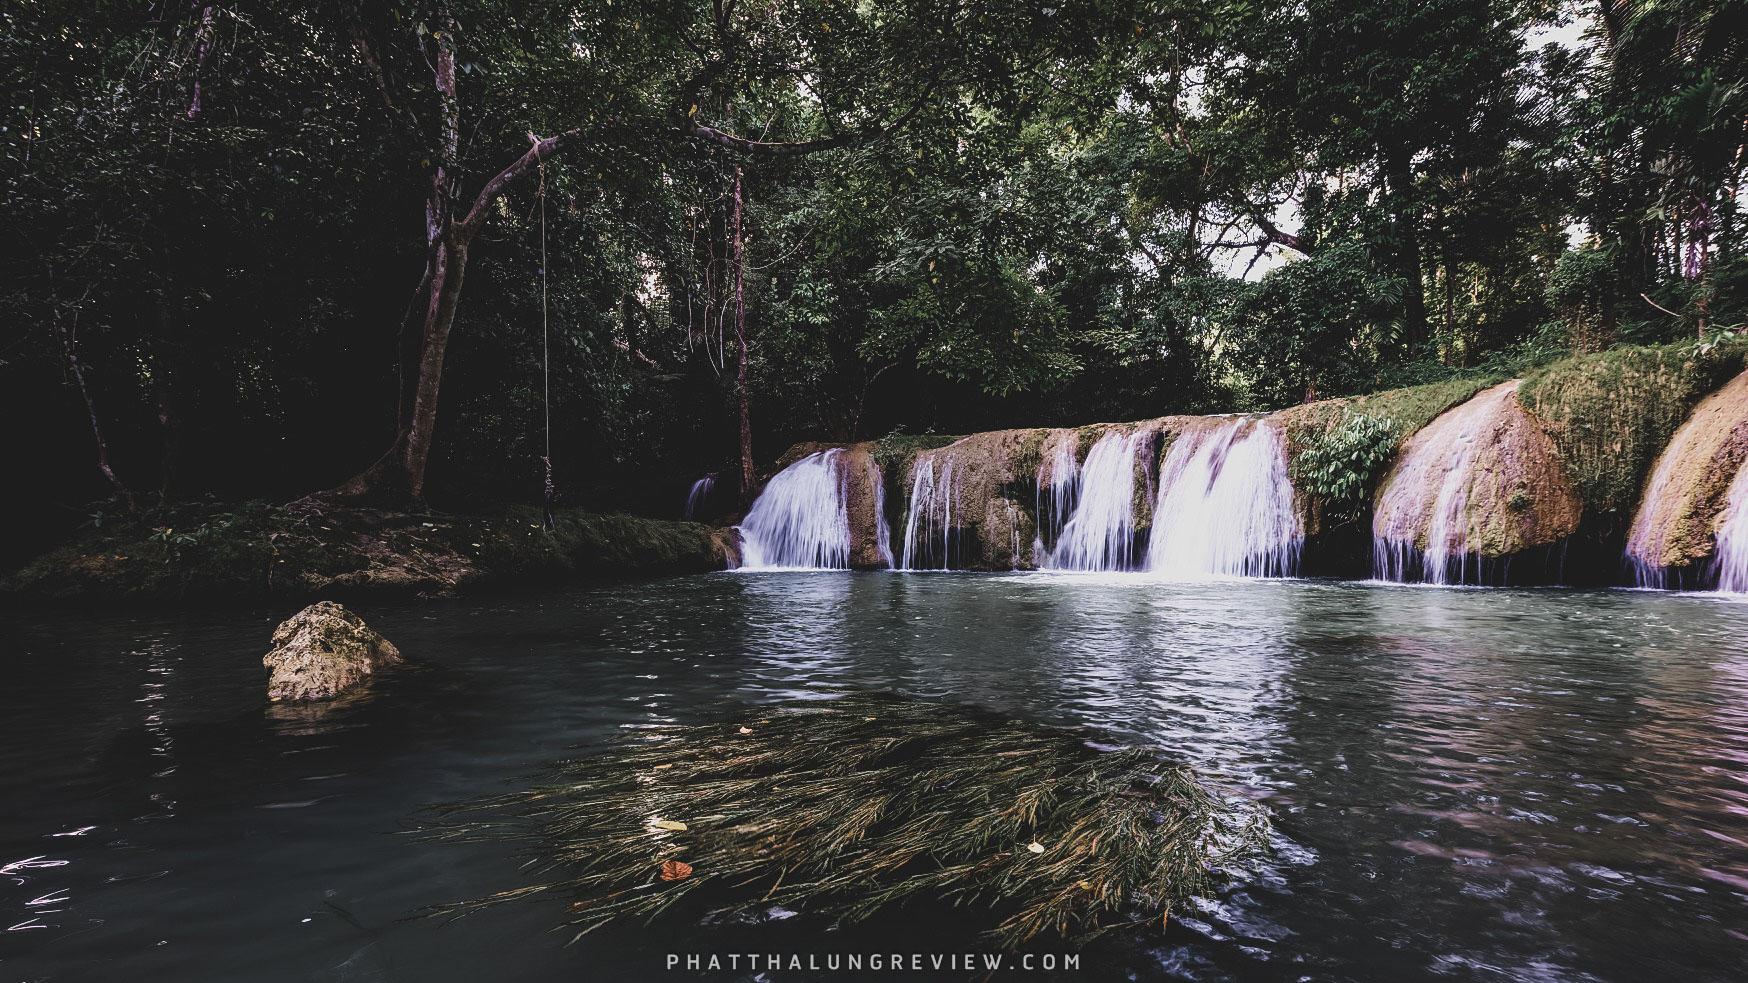 น้ำตกหนานสวรรค์ สุดยอดน้ำใสสีฟ้า ติดเขตแดน พัทลุง - นครศรีธรรมราชพัทลุง,ที่เที่ยว,จุดเช็คอิน,คาเฟ่,ของกิน,ที่พัก,รีสอร์ท